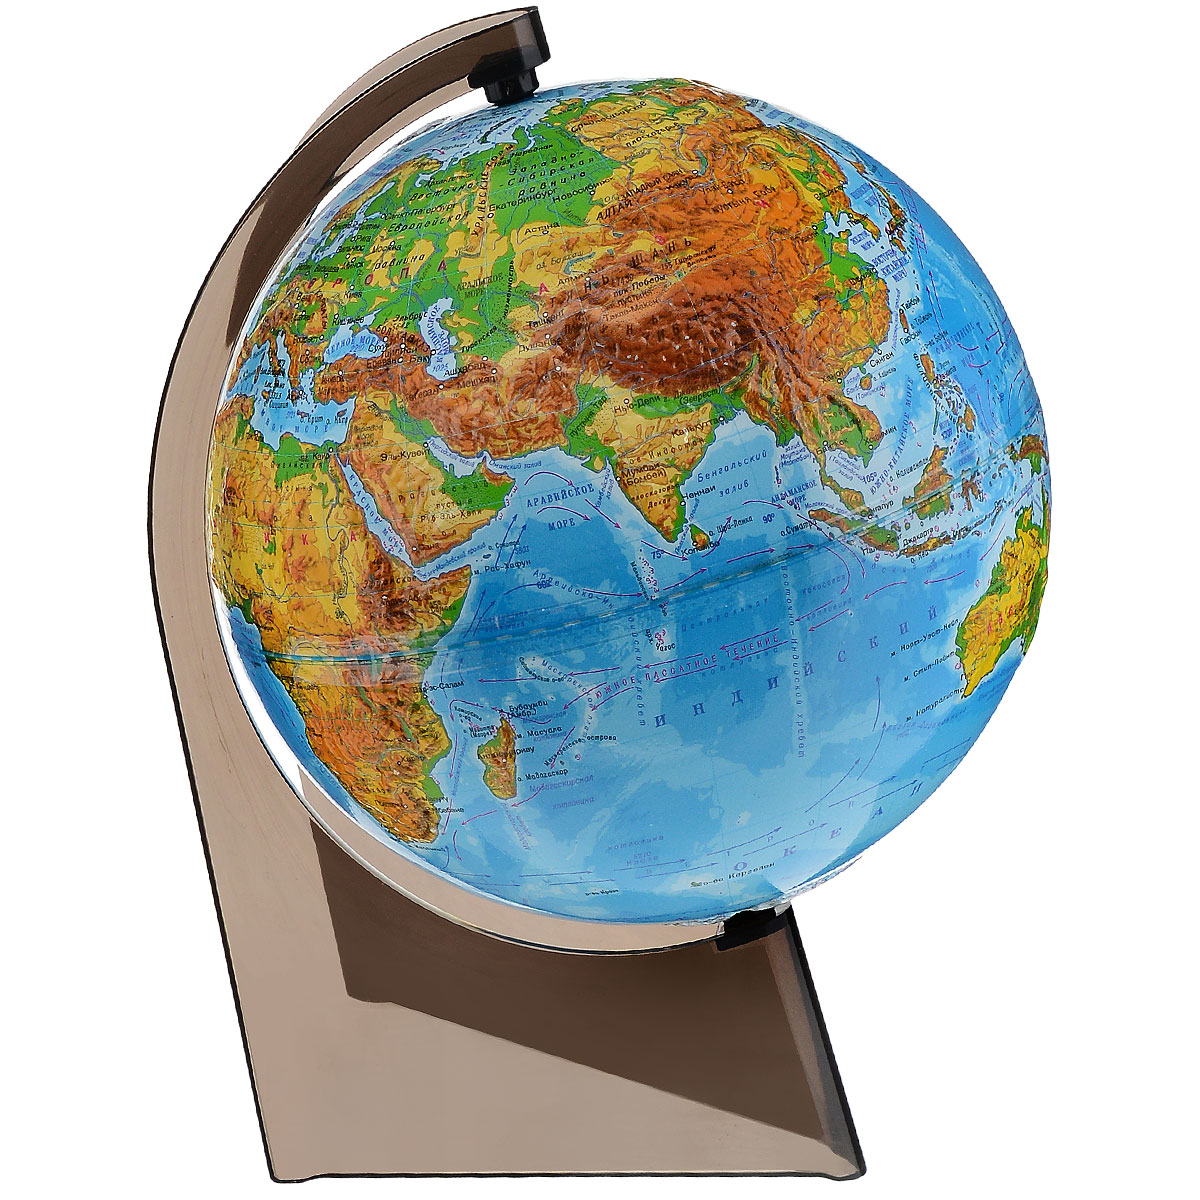 Географический глобус с физической картой мира станет незаменимым атрибутом обучения не только школьника, но и студента. На глобусе отображены линии картографической сетки, гидрографическая сеть, рельеф суши и морского дна, крупнейшие населенные пункты, теплые и холодные течения. Глобус является уменьшенной и практически не искаженной моделью Земли и предназначен для использования в качестве наглядного картографического пособия, а также для украшения интерьера квартир, кабинетов и офисов. Красочность, повышенная наглядность визуального восприятия взаимосвязей, отображенных на глобусе объектов и явлений, в сочетании с простотой выполнения по нему различных измерений делают глобус доступным широкому кругу потребителей для получения разнообразной познавательной, научной и справочной информации о Земле. Глобус на оригинальной пластиковой подставке. Масштаб: 1:60000000.